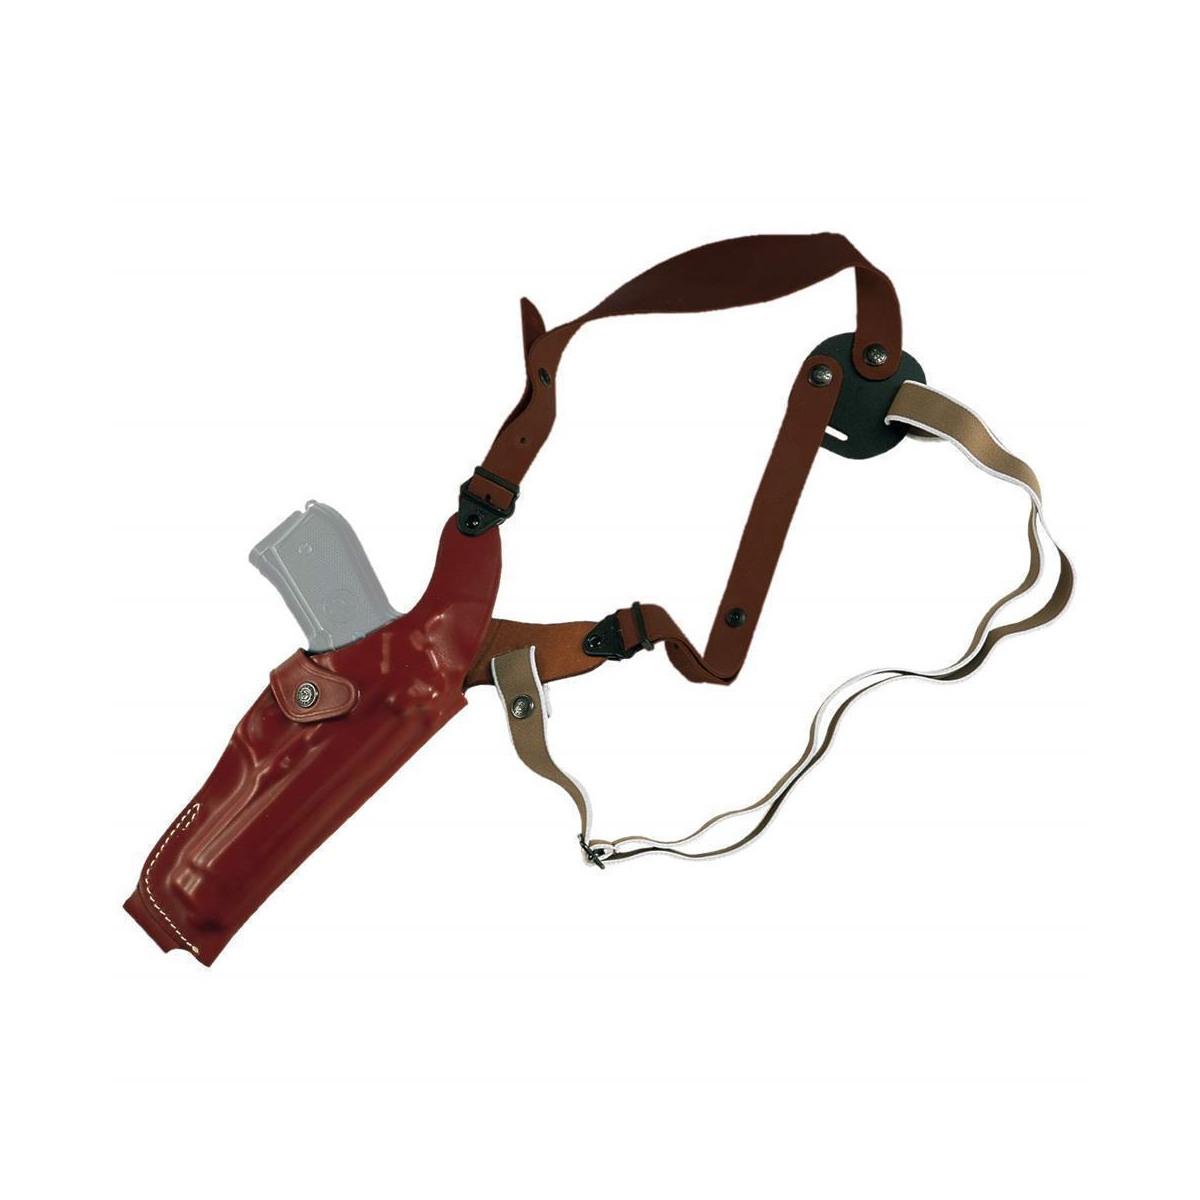 Vertical molded leather shoulder holster